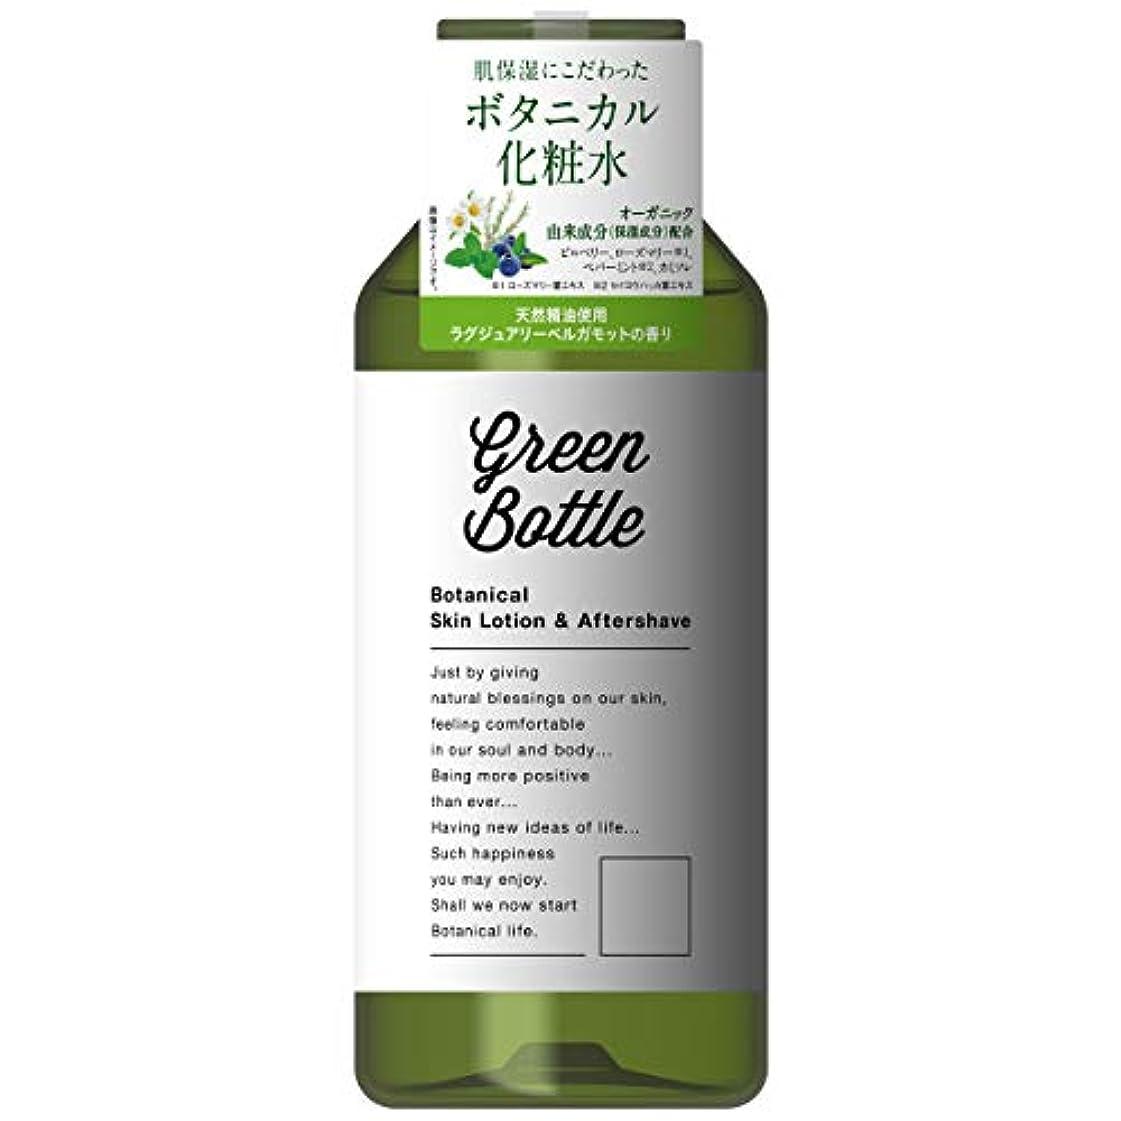 パターンパークカニグリーンボトル ボタニカル化粧水